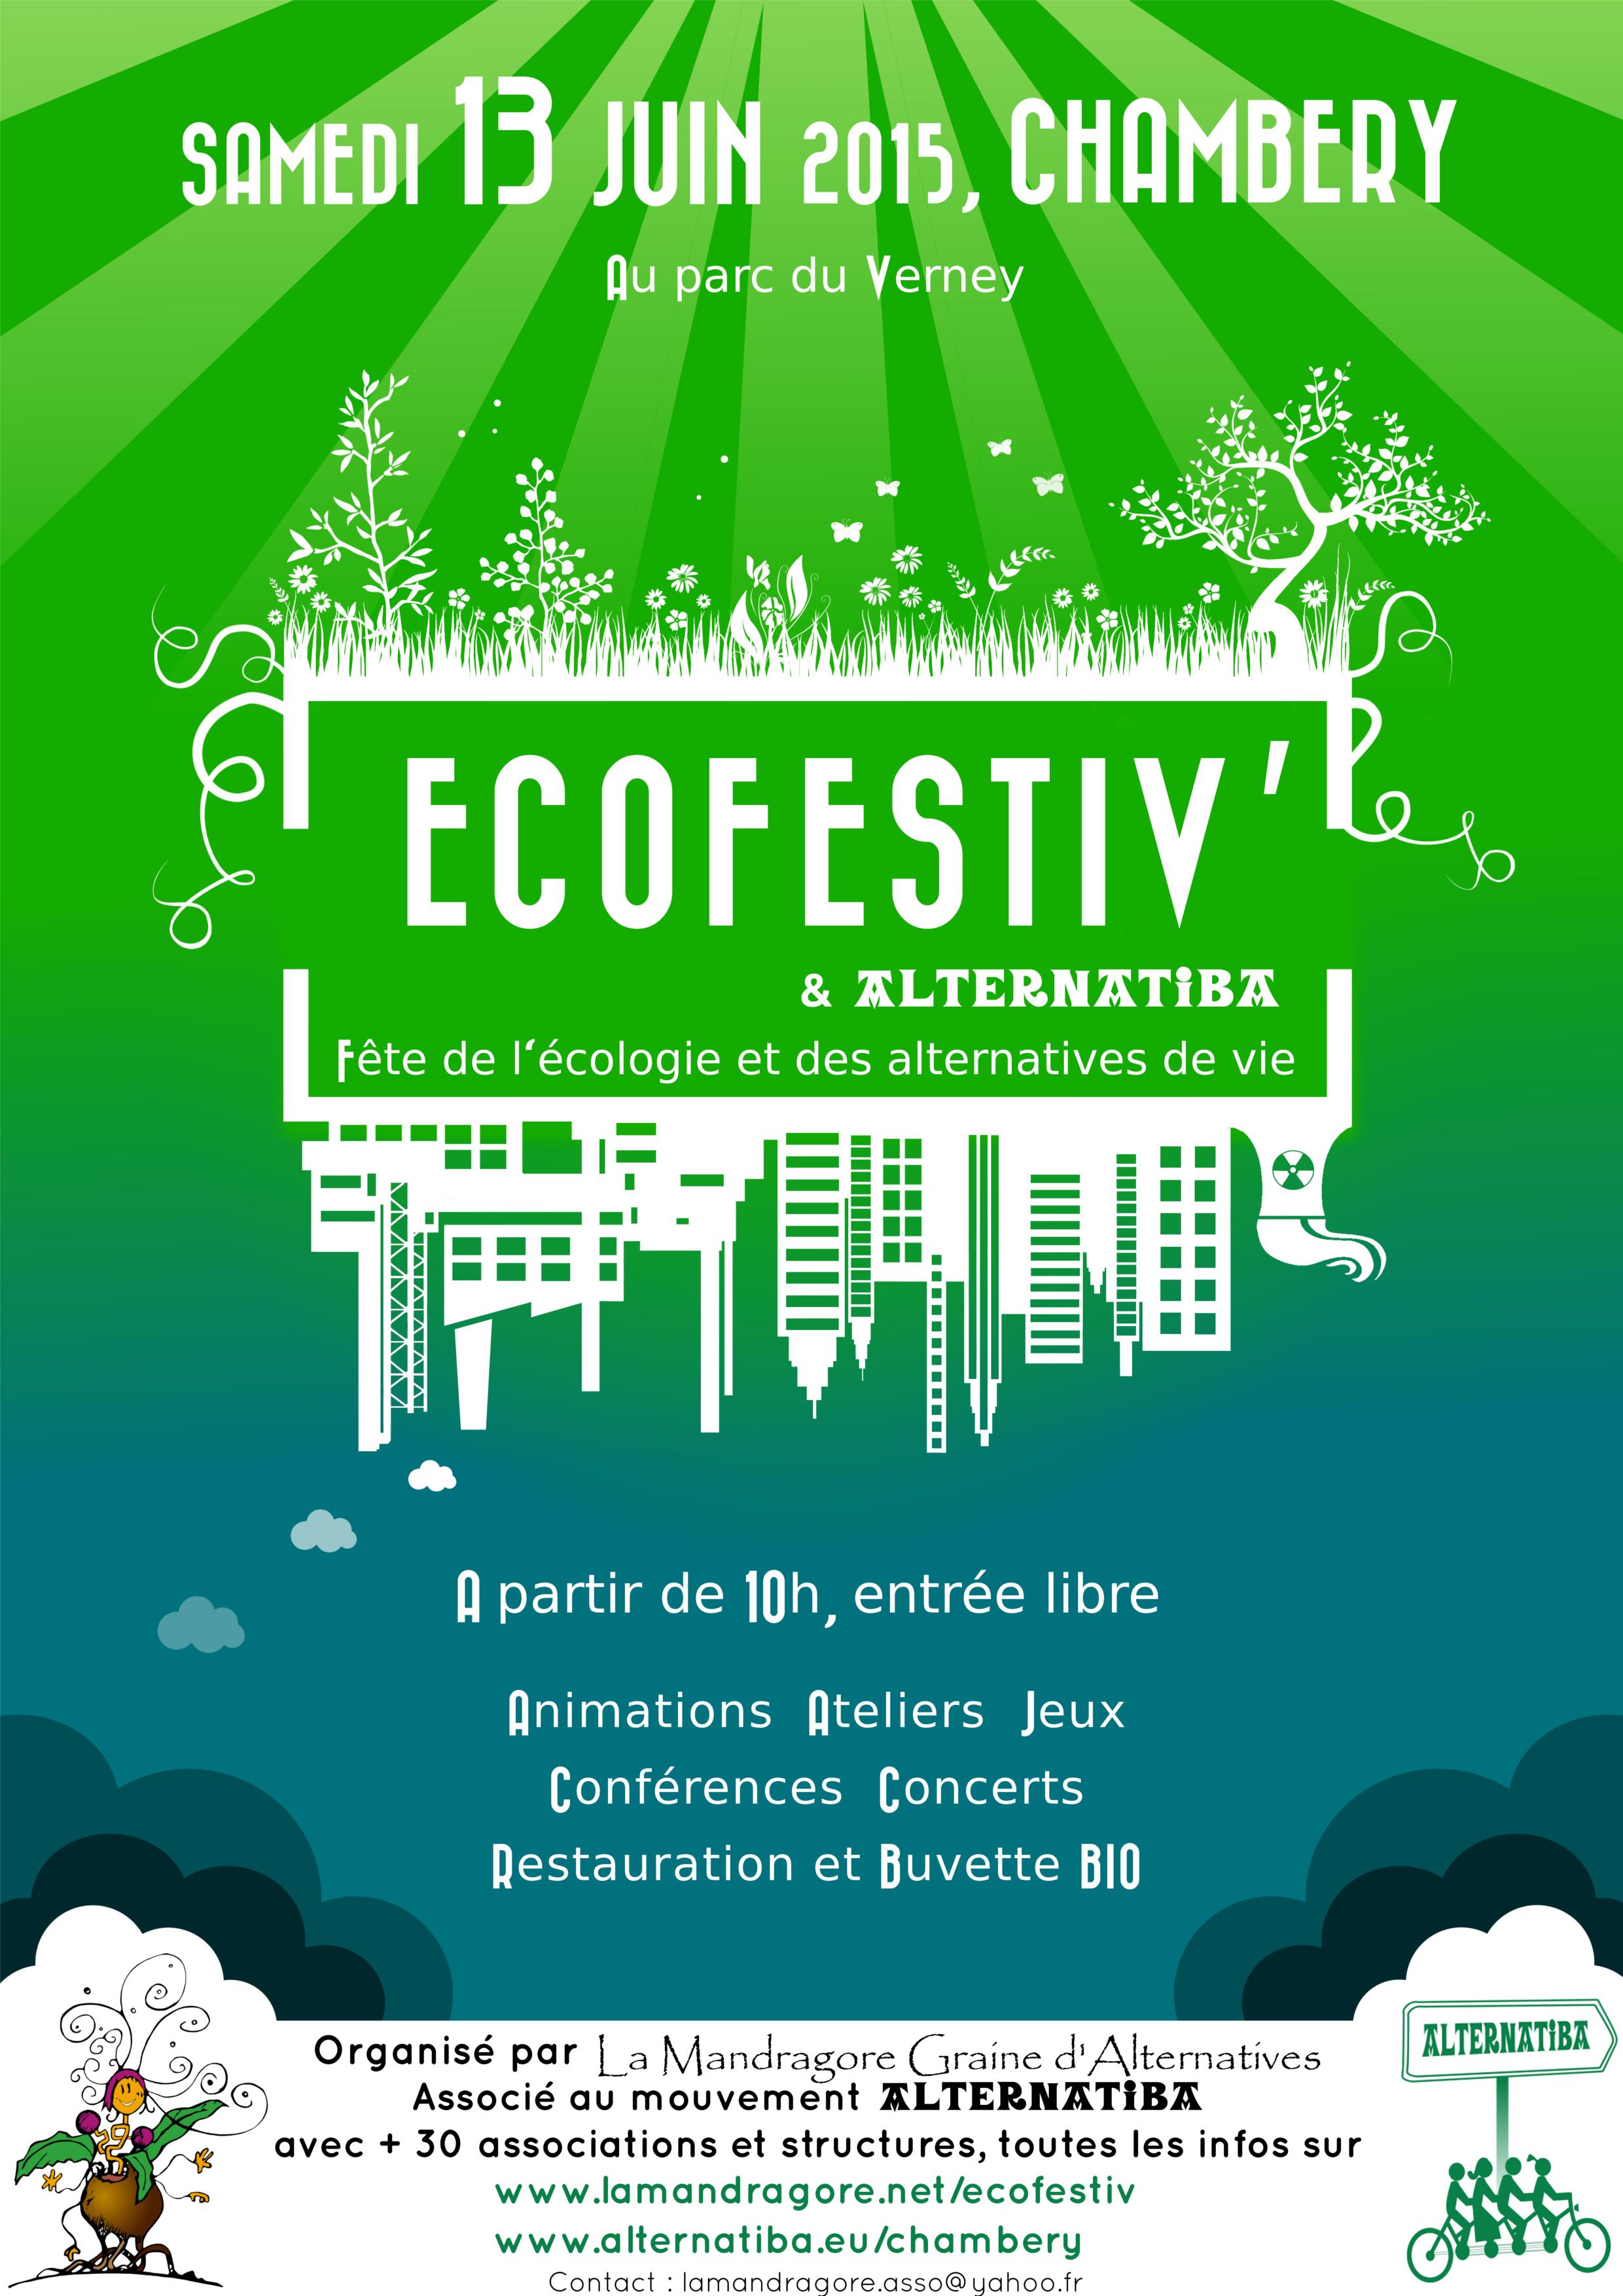 Ecofestiv Chamébry 13 juin 2015